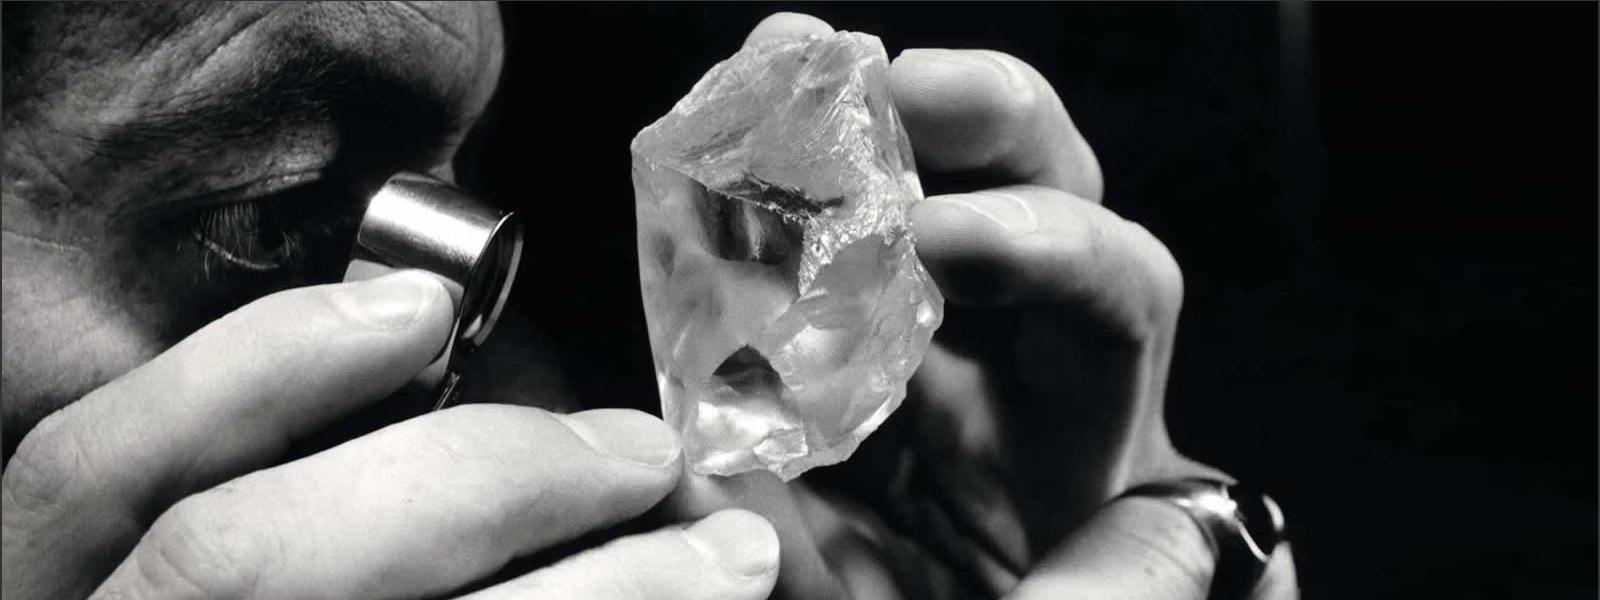 کارشناسی سنگ جواهر